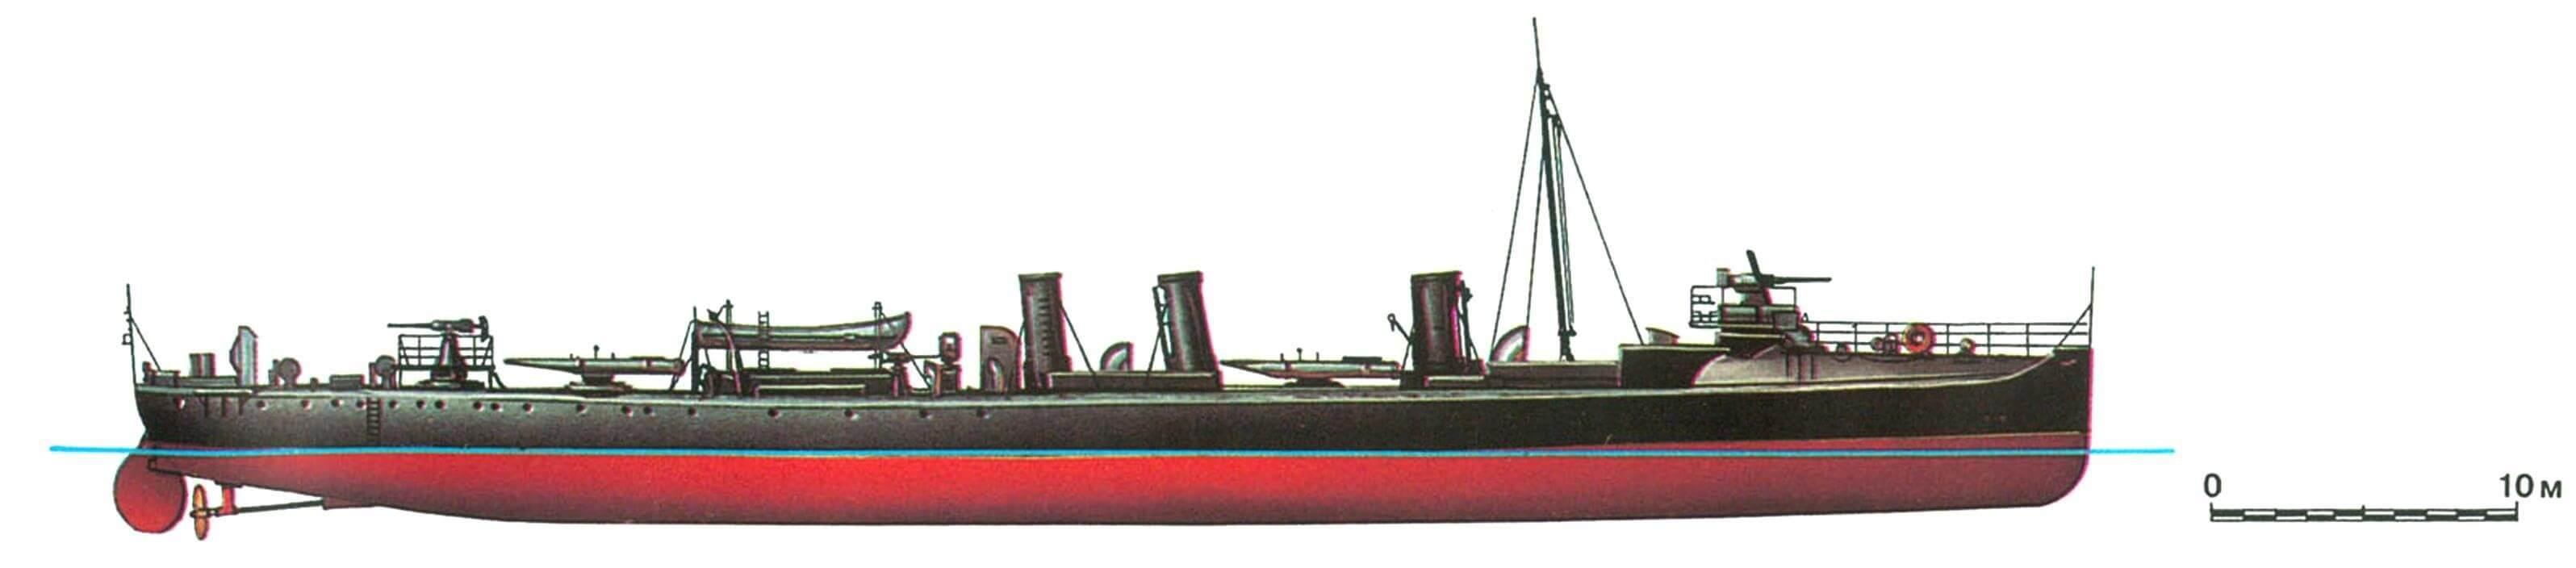 116. Эскадренный миноносец «Конфликт», Англия, 1899 г.